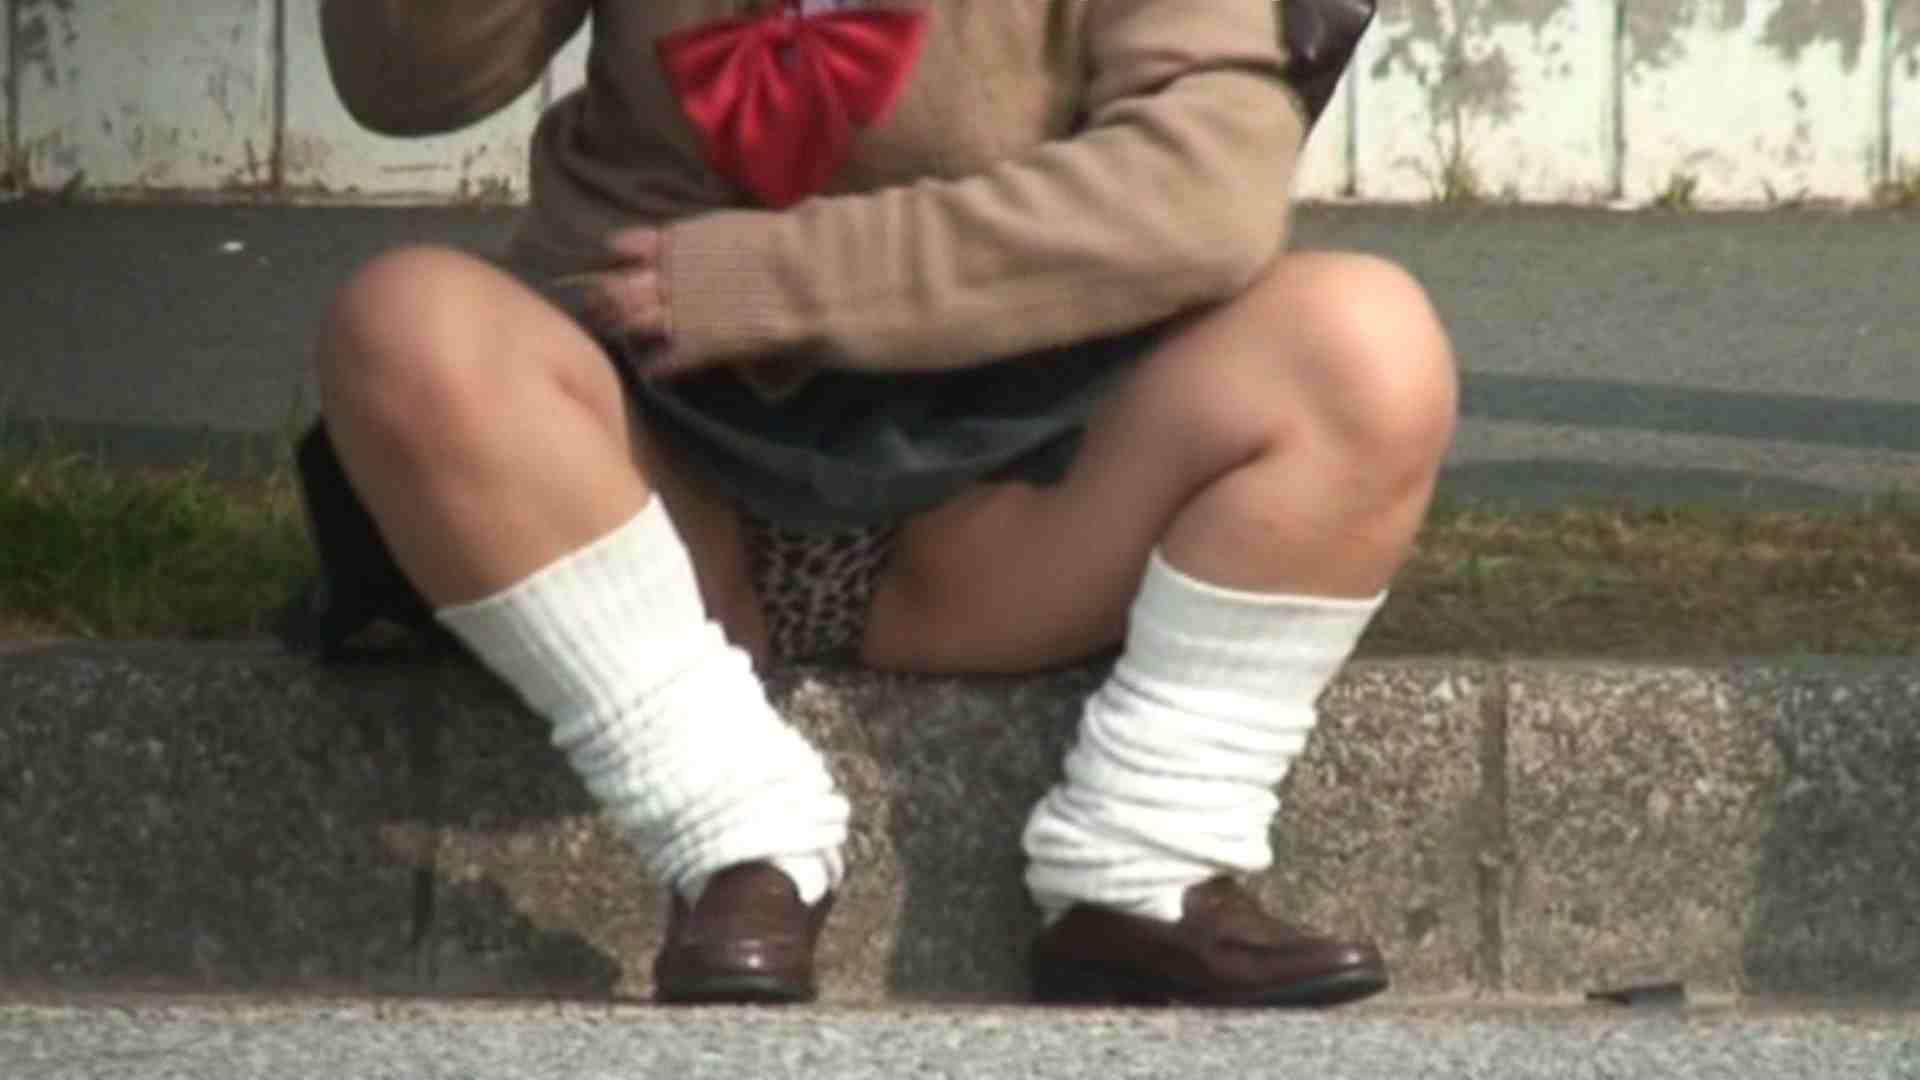 望遠パンチラNo12 学校潜伏 盗撮おまんこ無修正動画無料 97pic 78